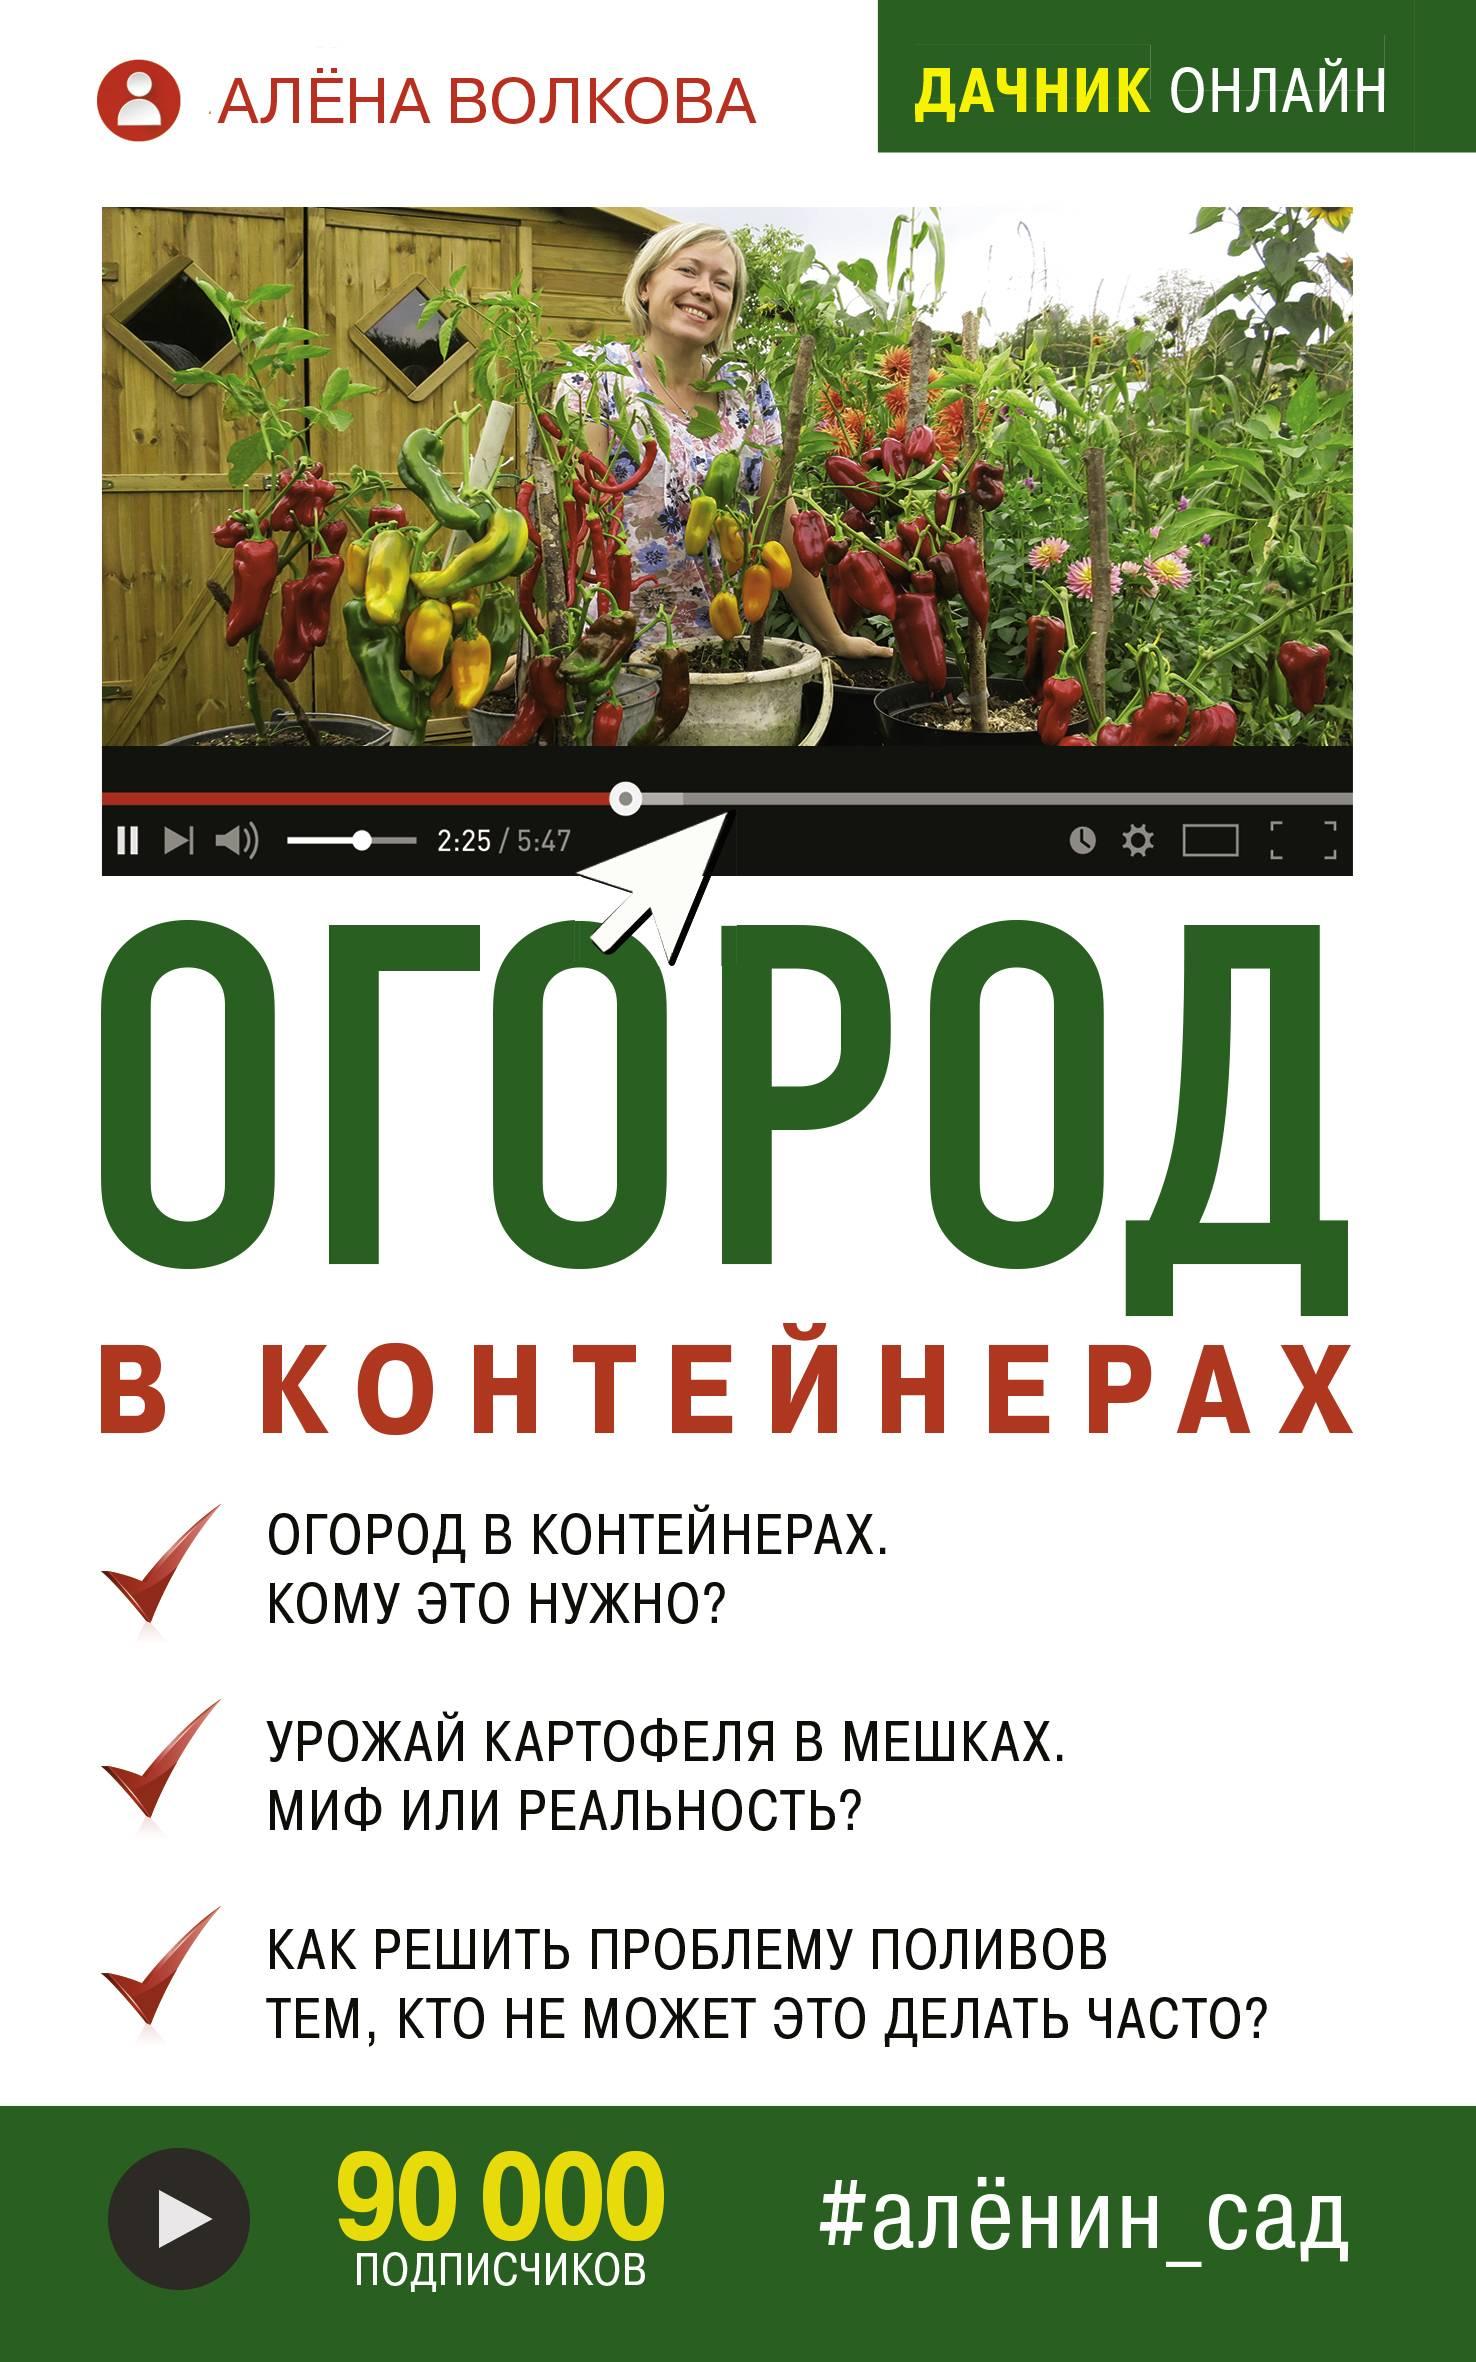 Откажитесь от применения химии в своем саду и огороде